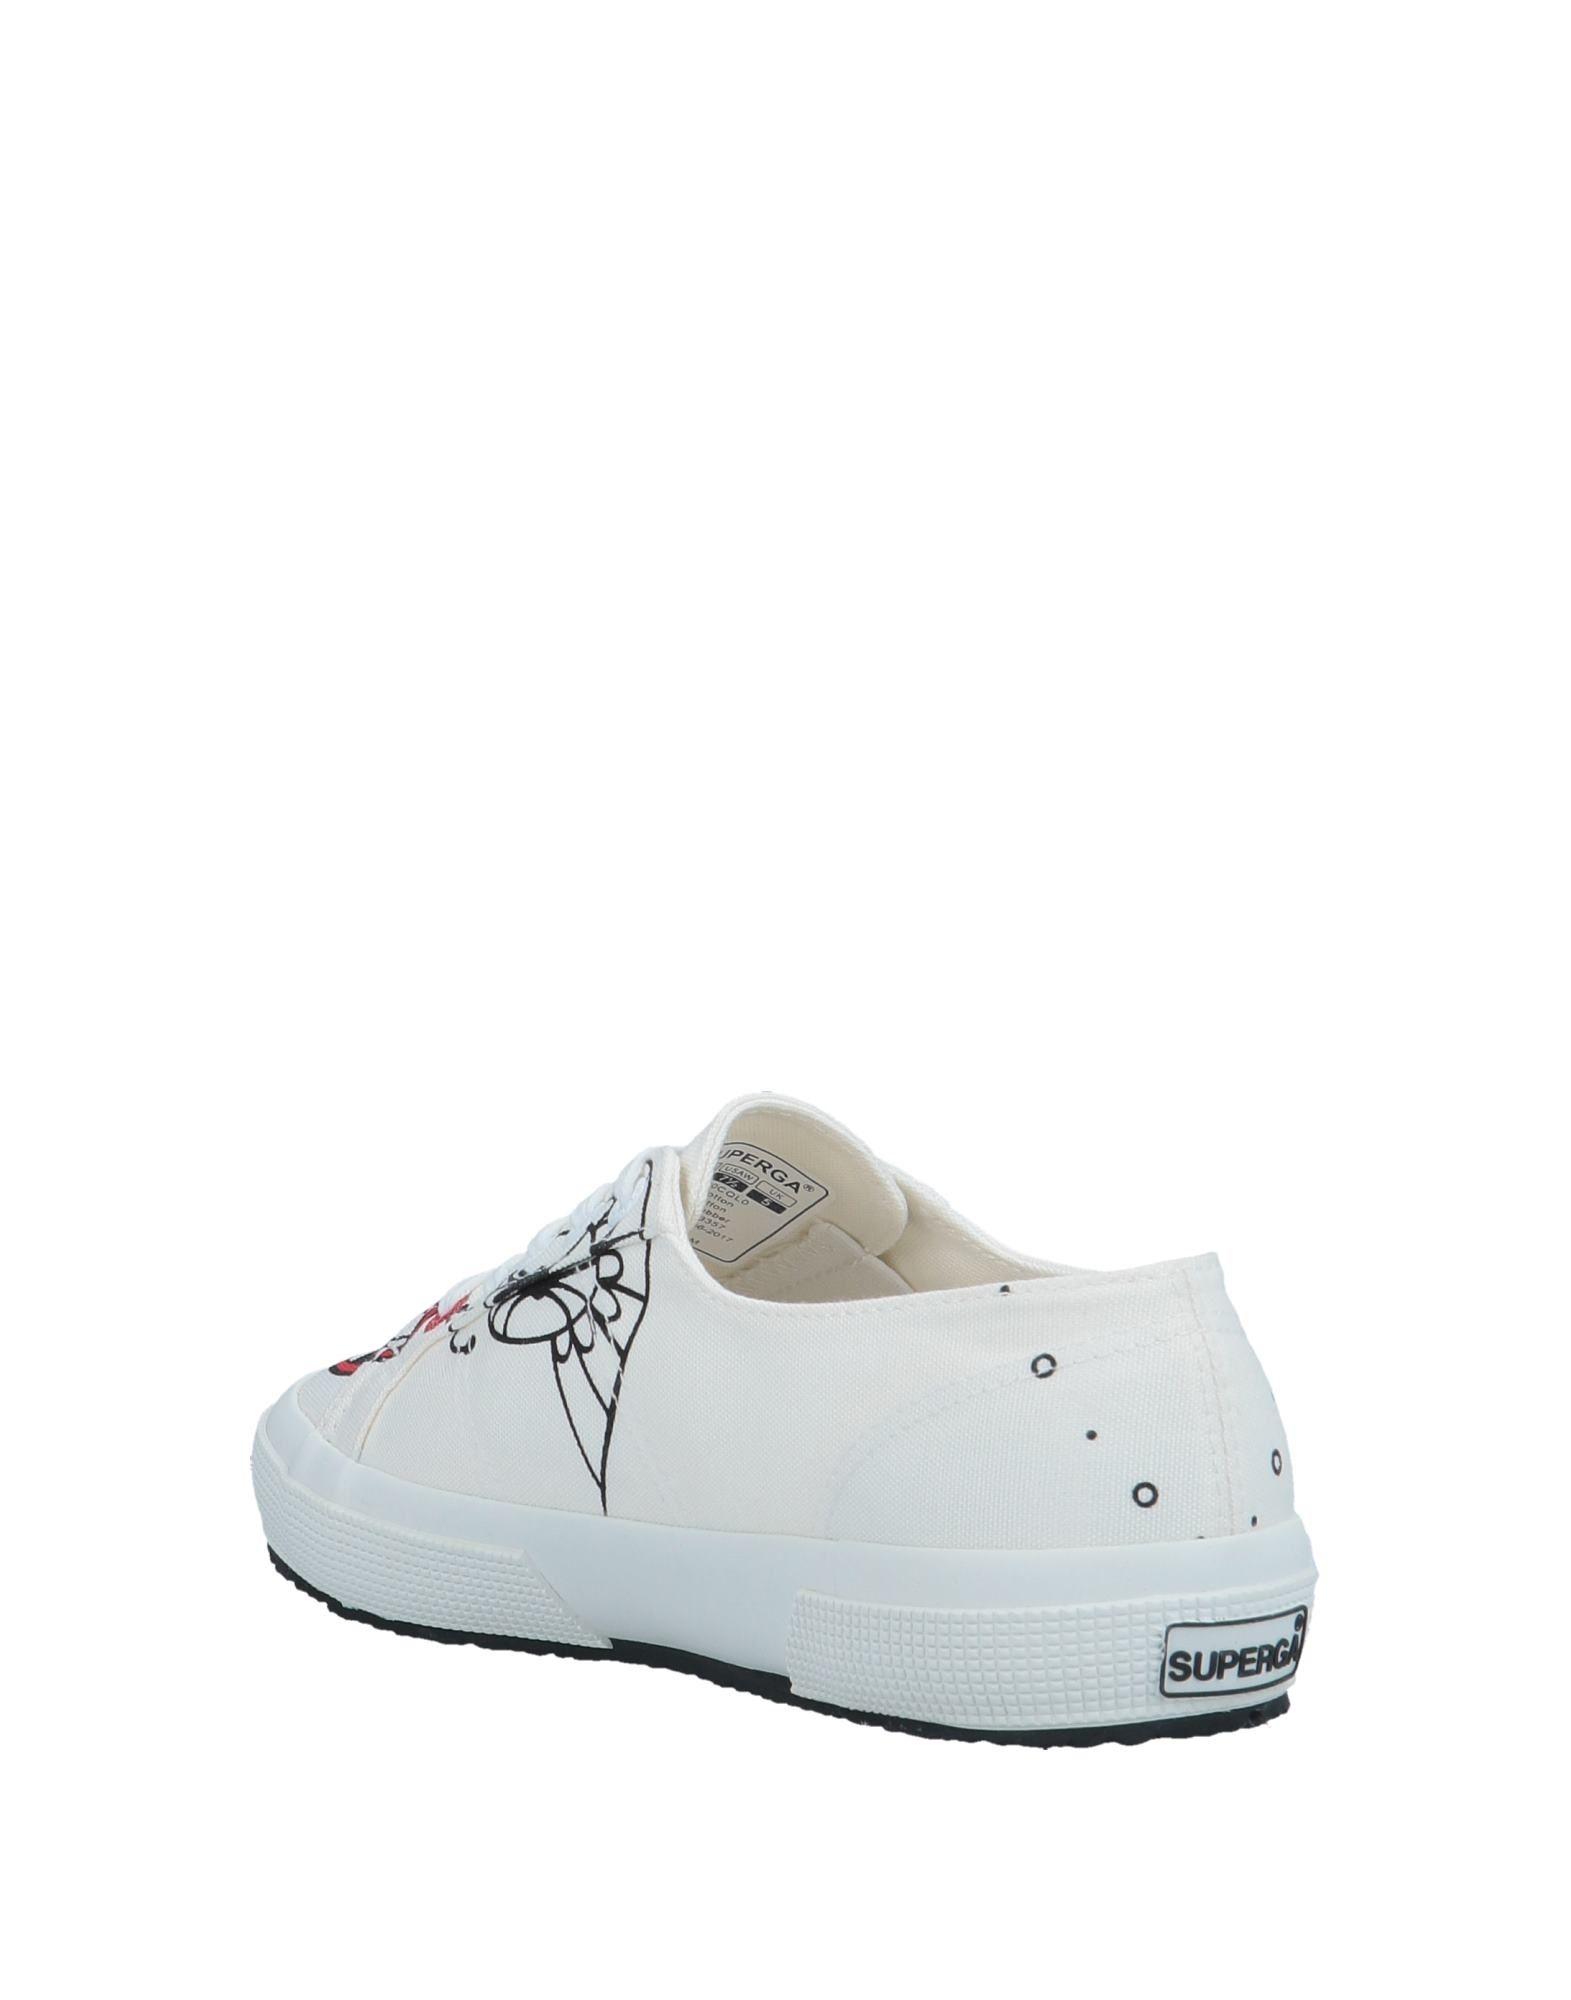 Superga® Sneakers Gute Damen  11571315BX Gute Sneakers Qualität beliebte Schuhe a9dec5